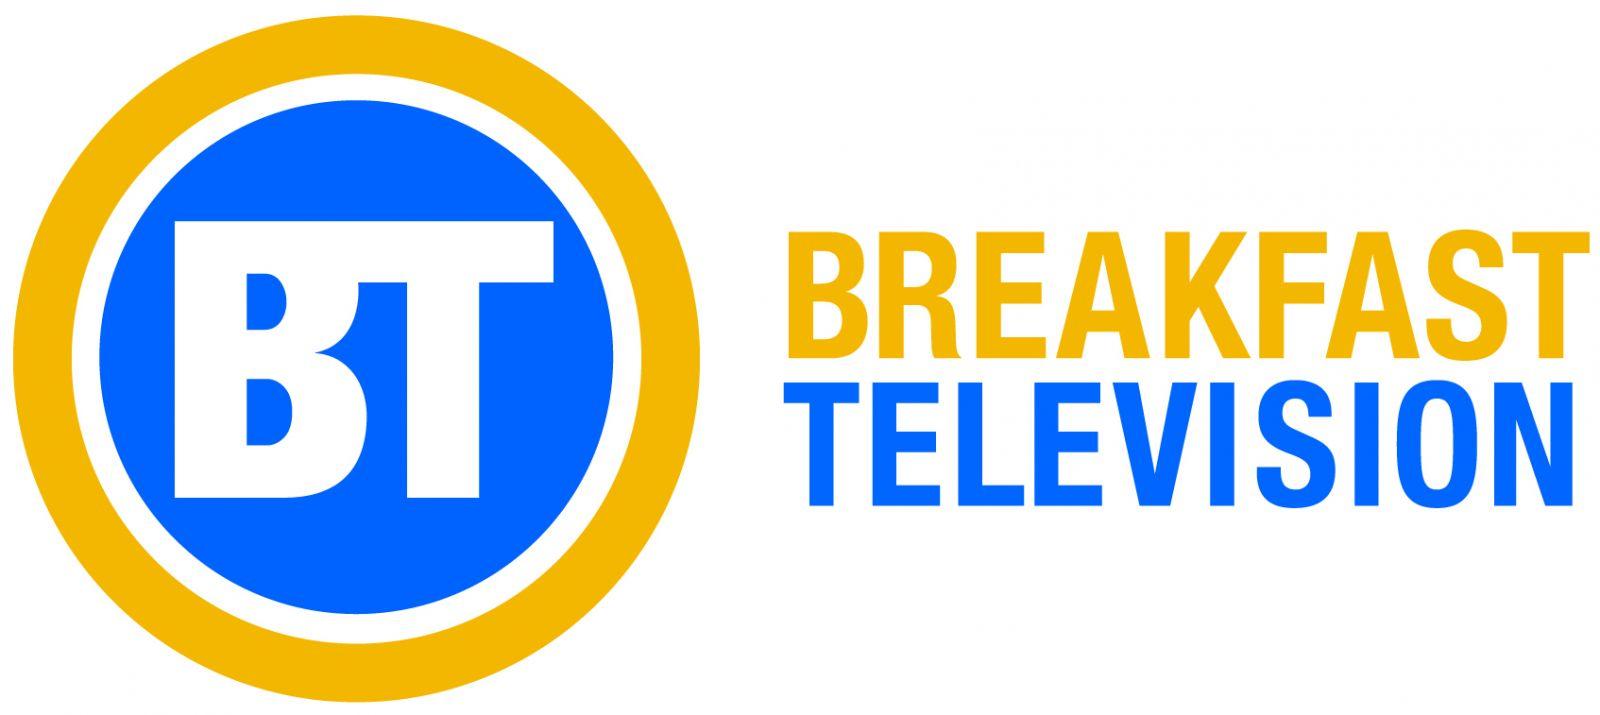 Breakfast_Television_logo.jpg